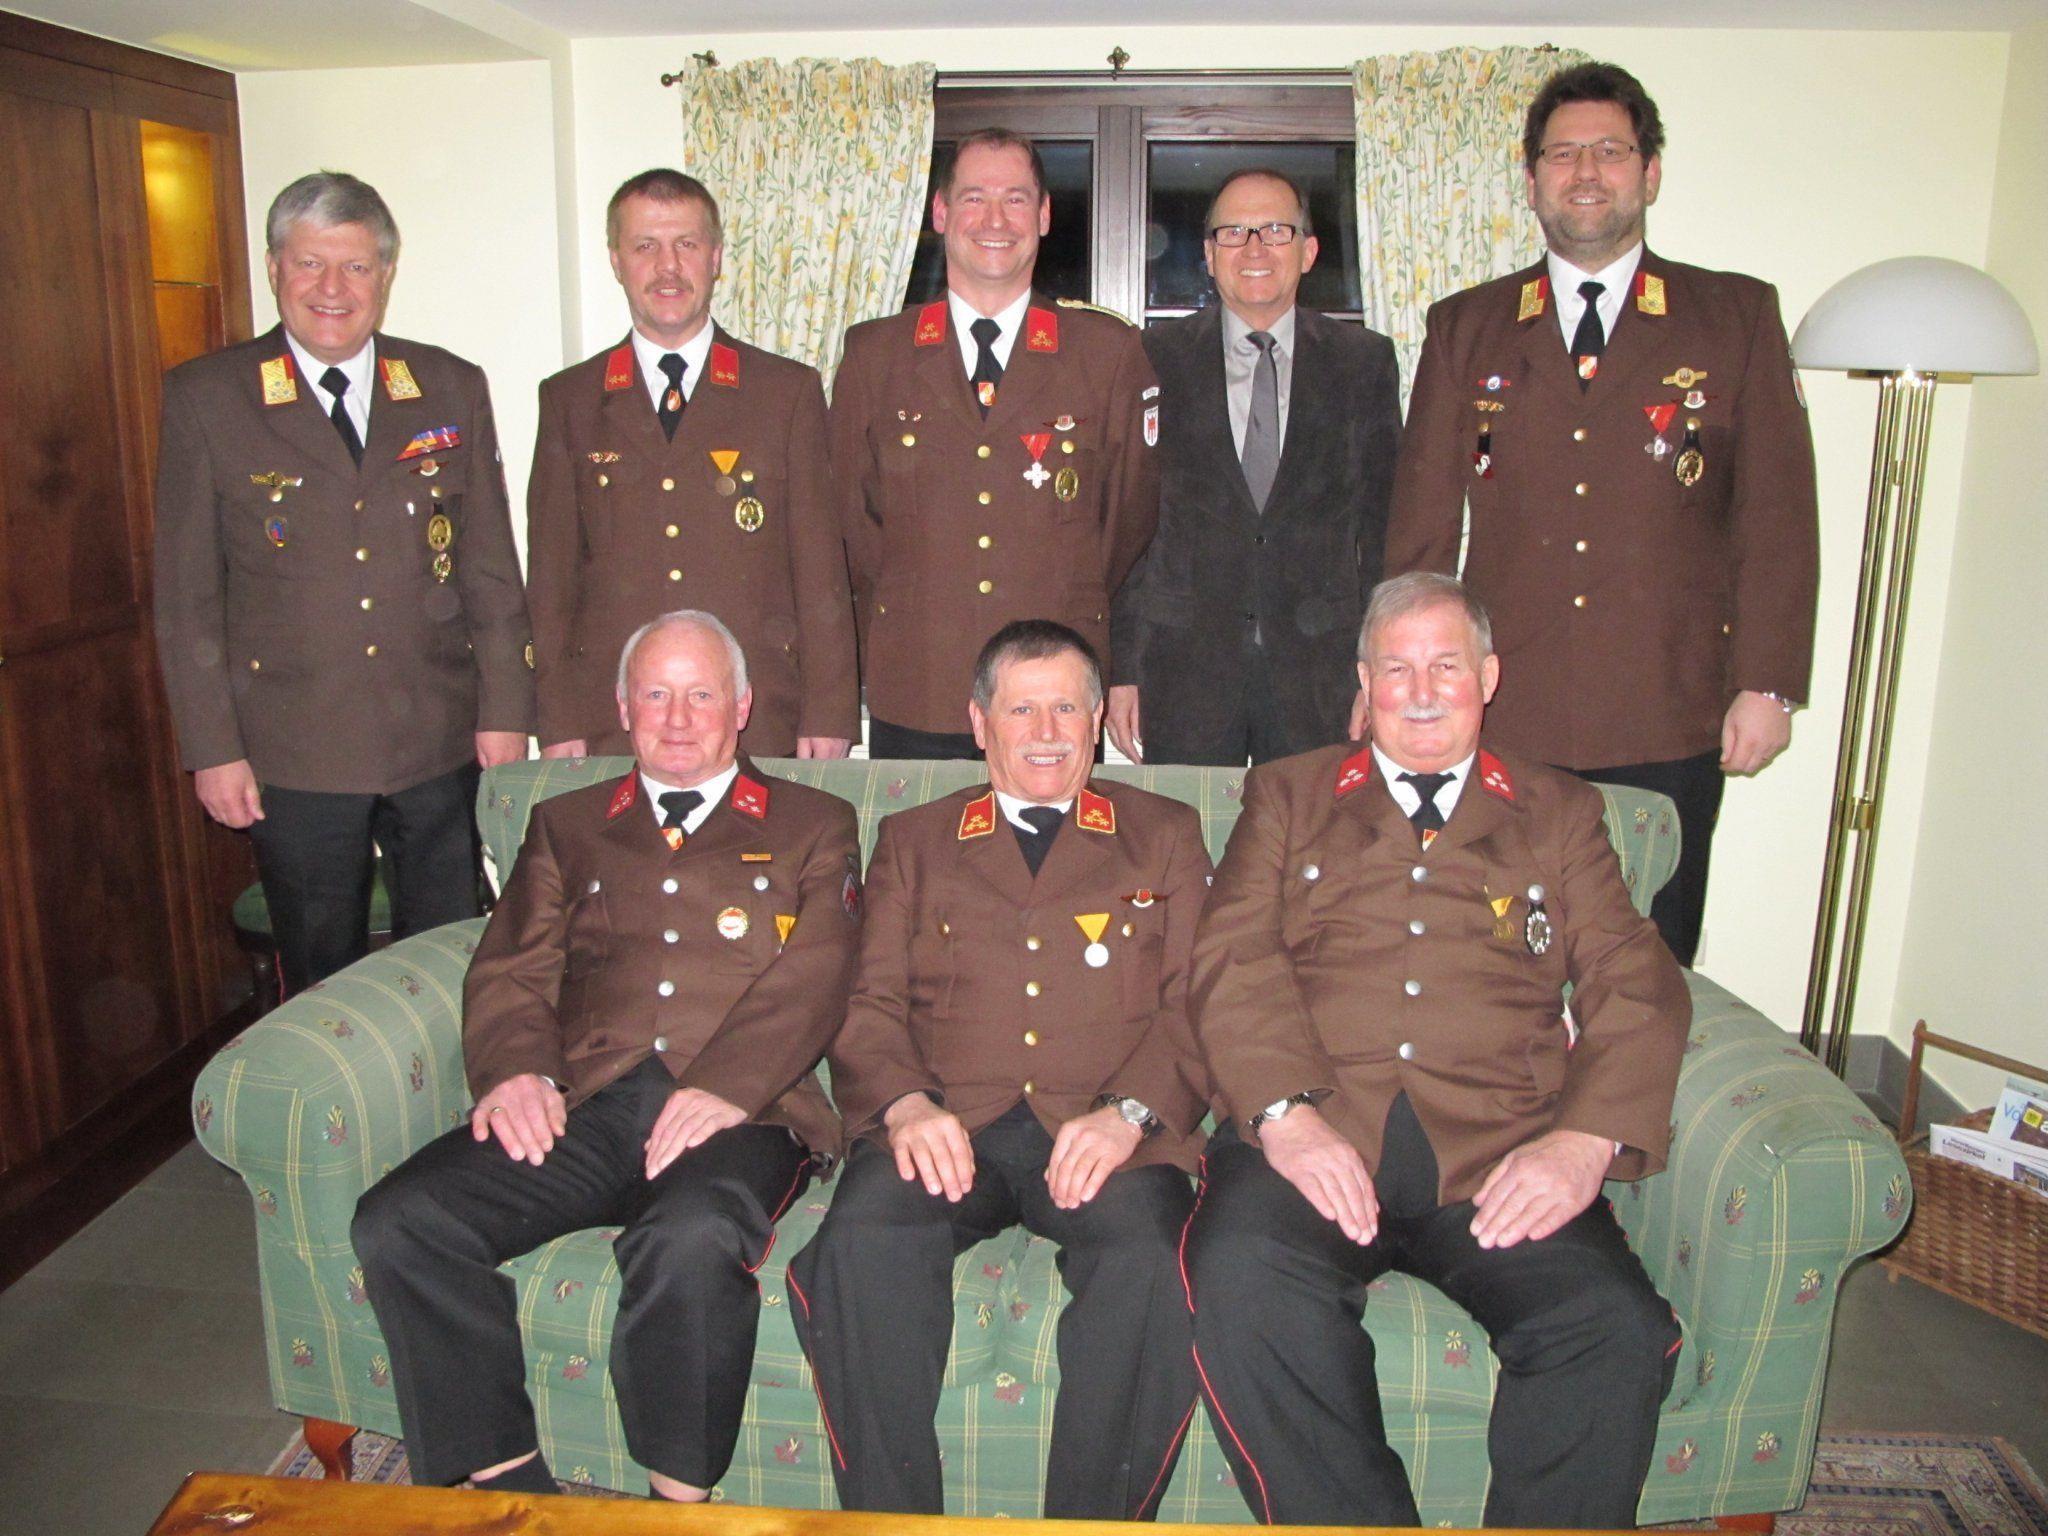 Ehrengäste mit den Geehrten